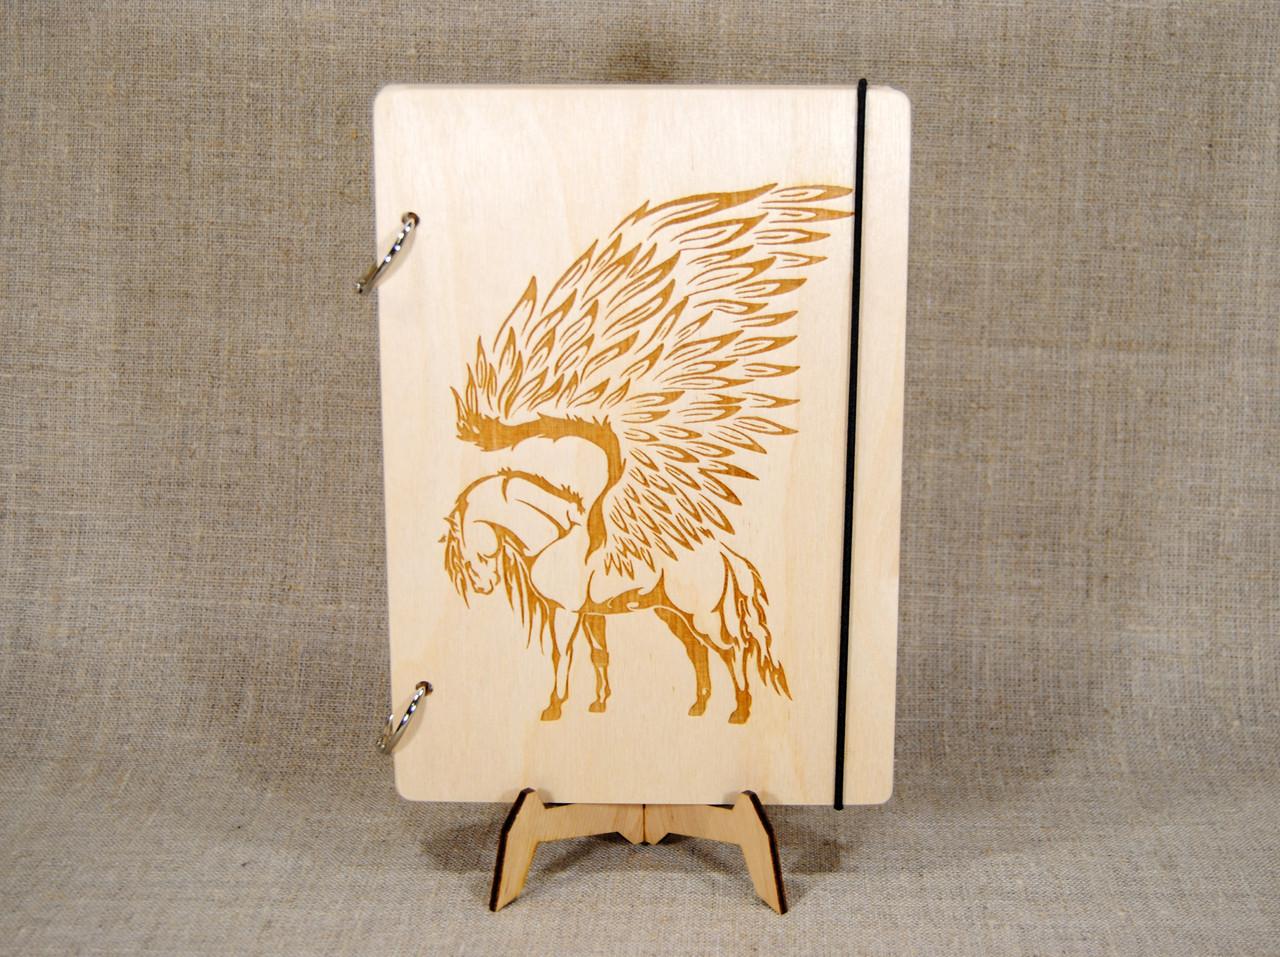 Деревянный блокнот M (А5 формат). Скетчбук Пегас. Блокнот с деревянной обложкой.